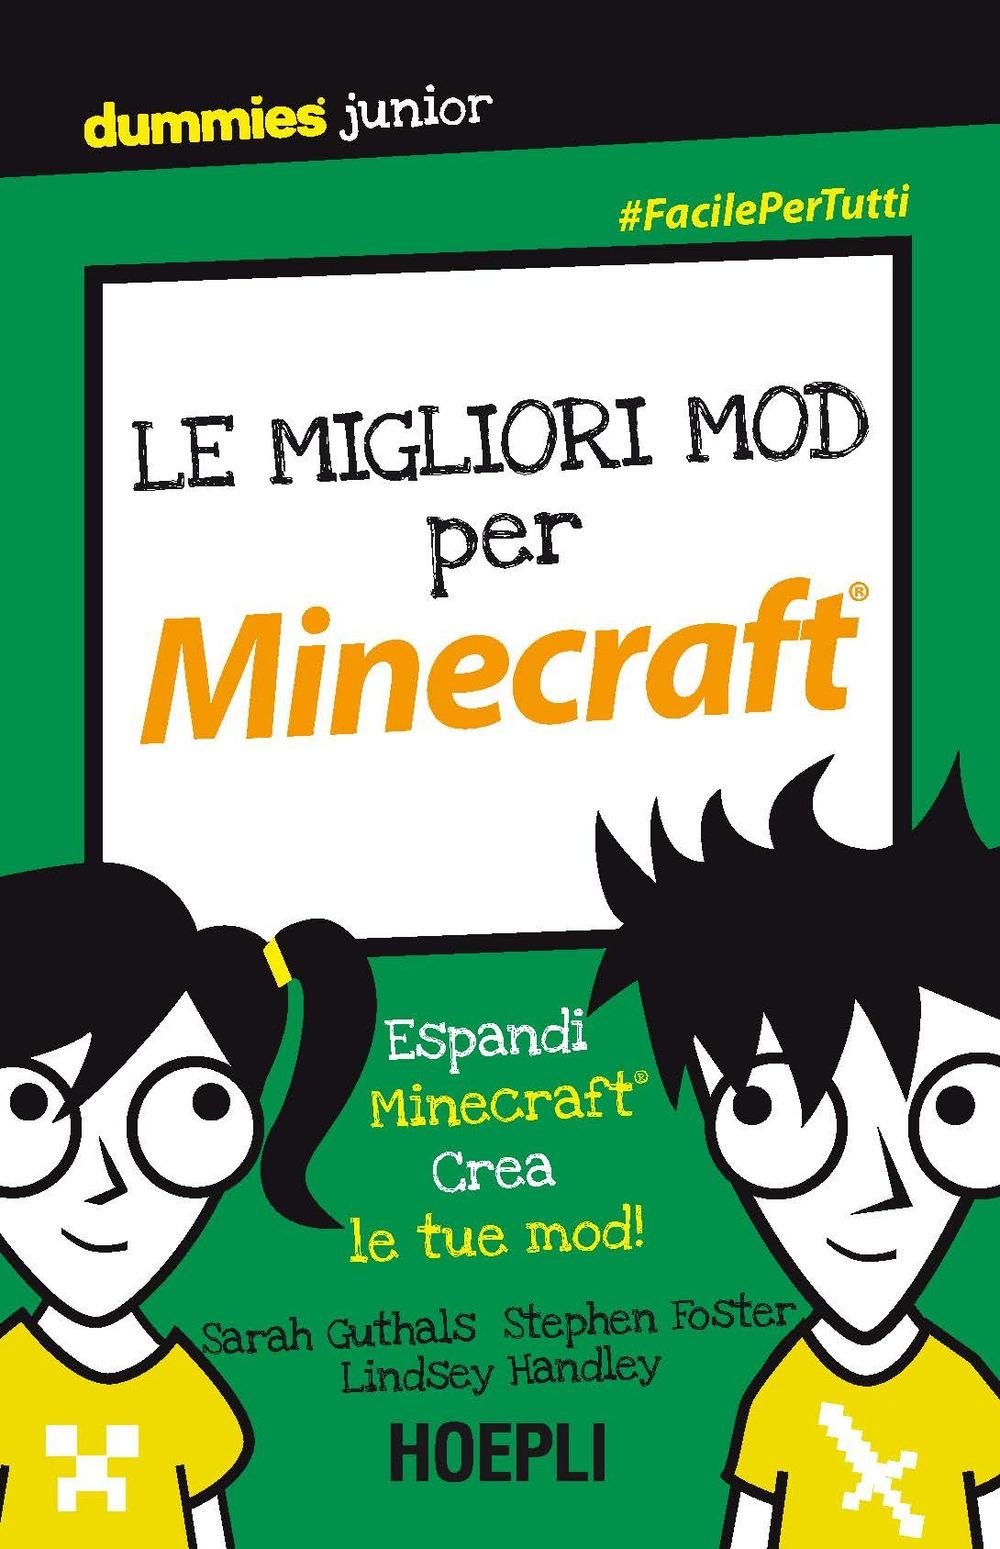 Le migliori mod per Minecraft. Espandi Minecraft. Crea le tue mod!